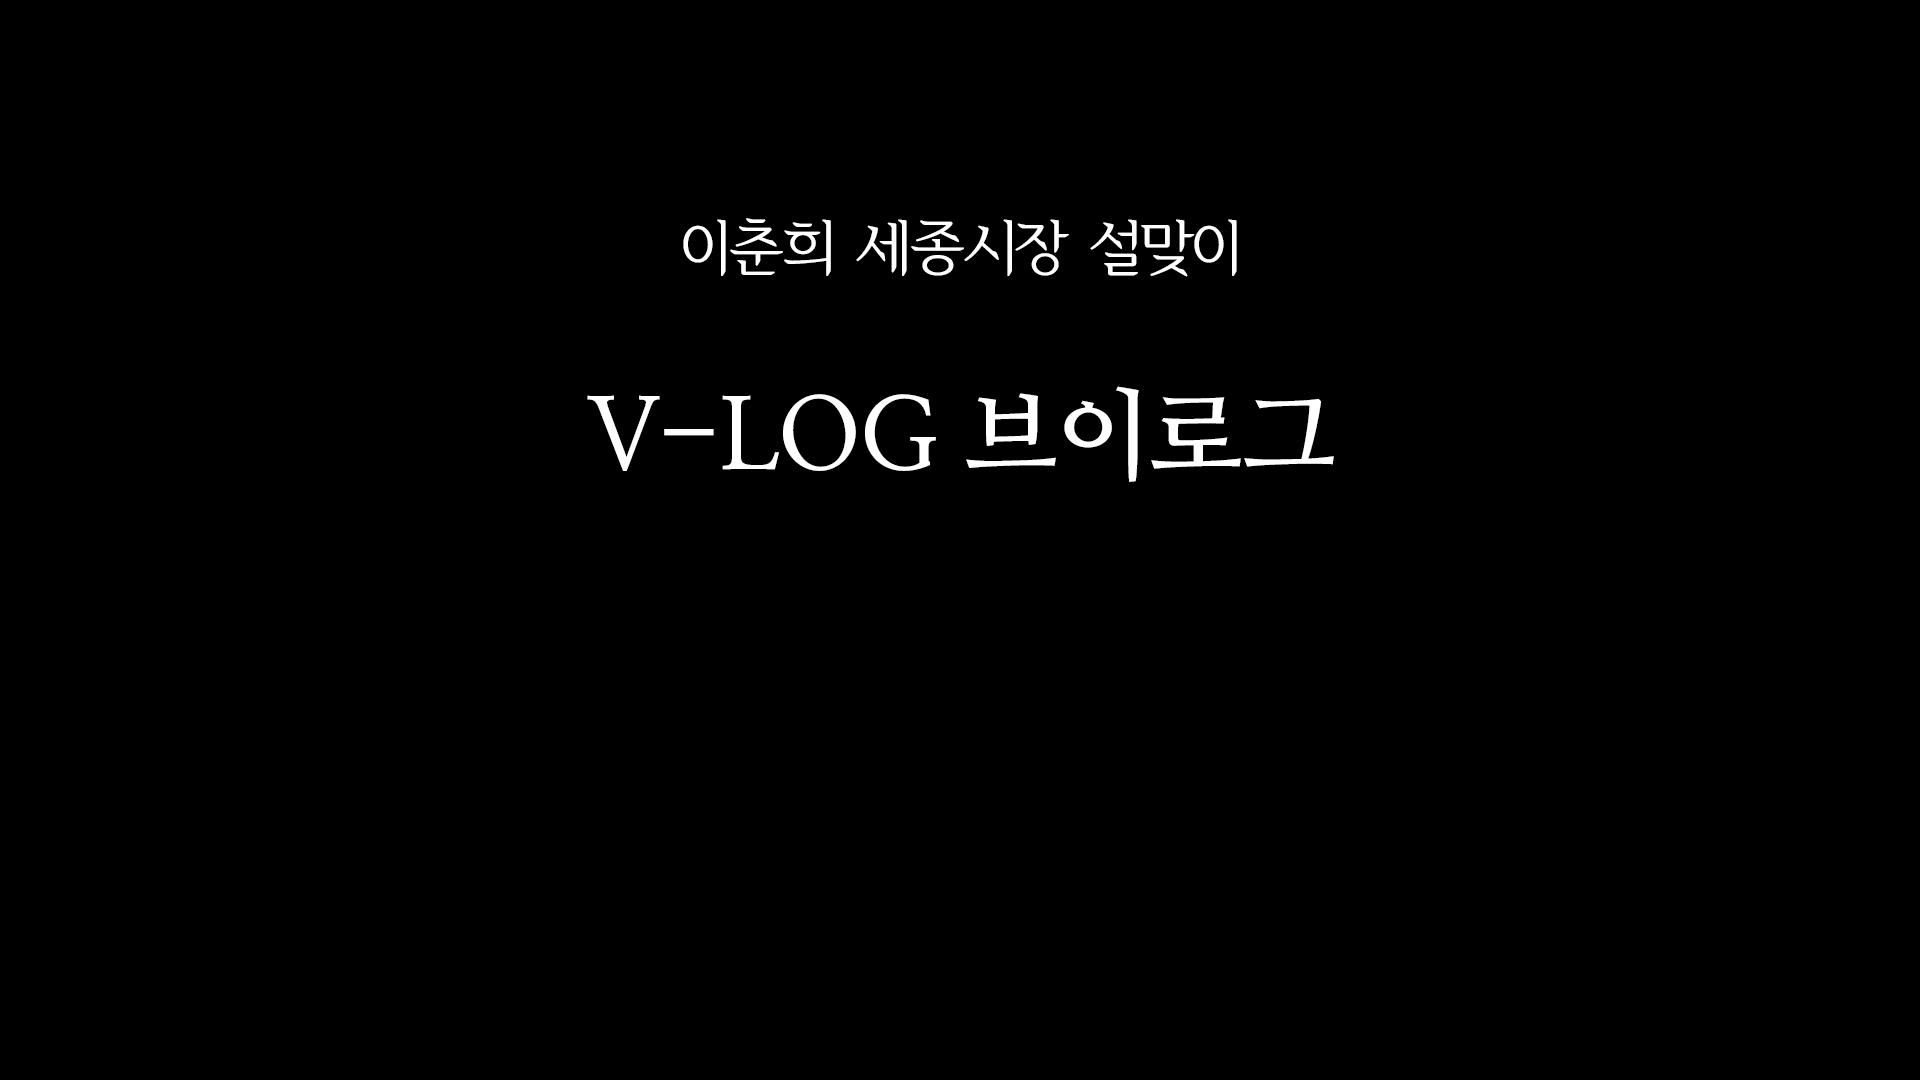 <이춘희 브이로그> 2019 설맞이 충녕어린이집 방문